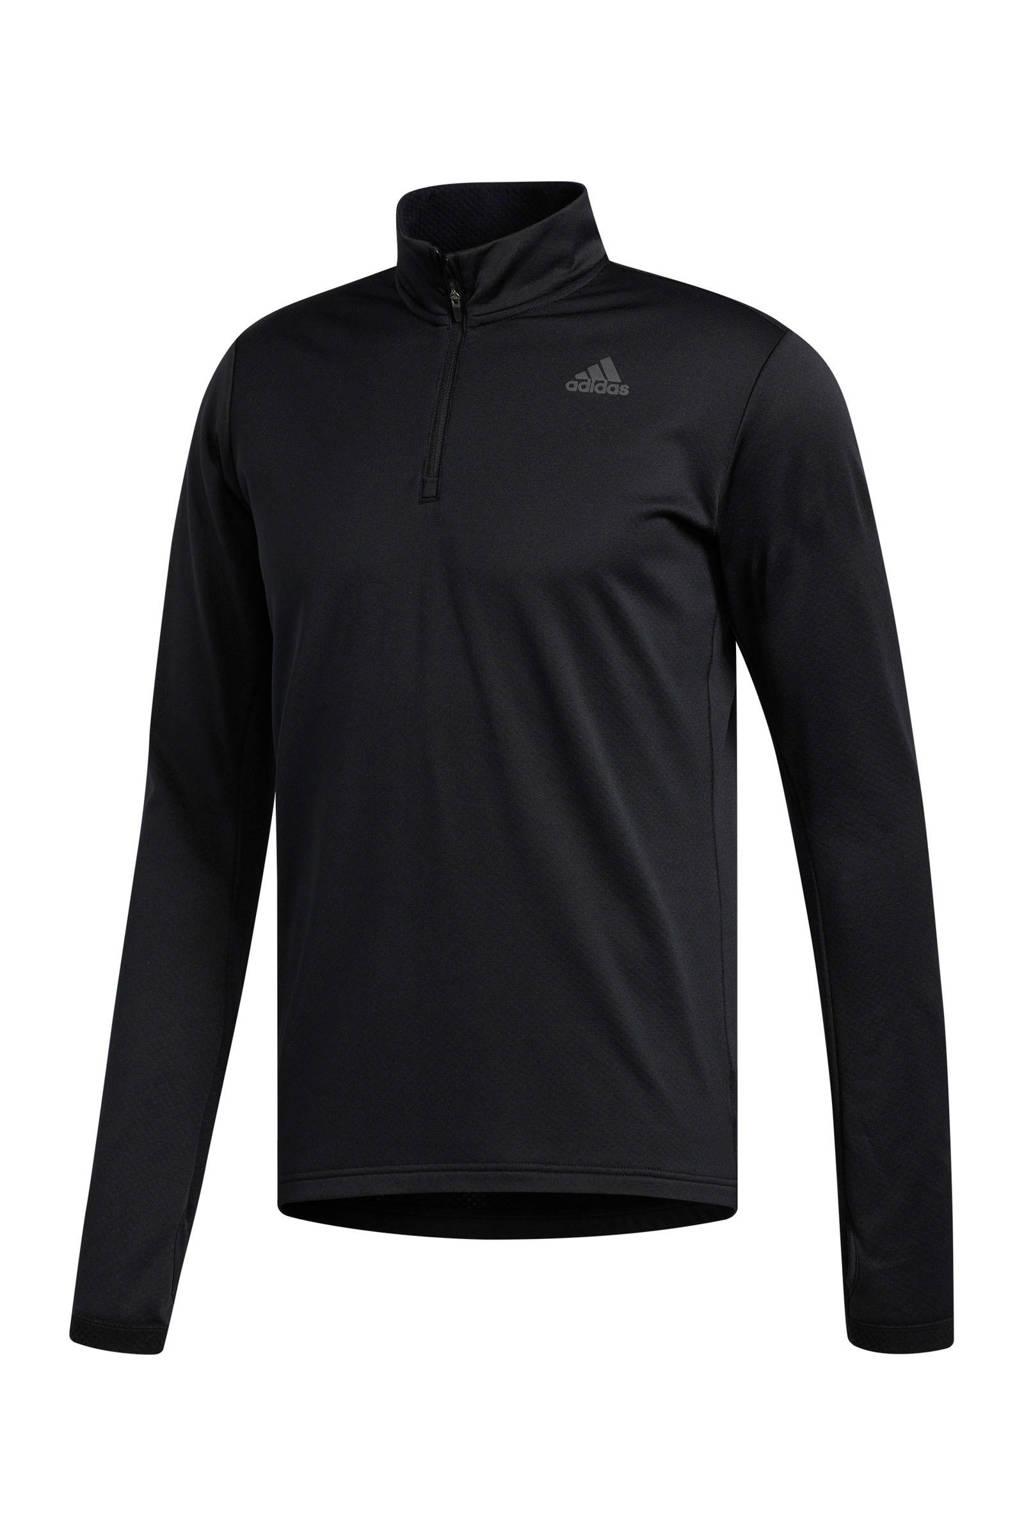 adidas   hardloopshirt zwart, Black